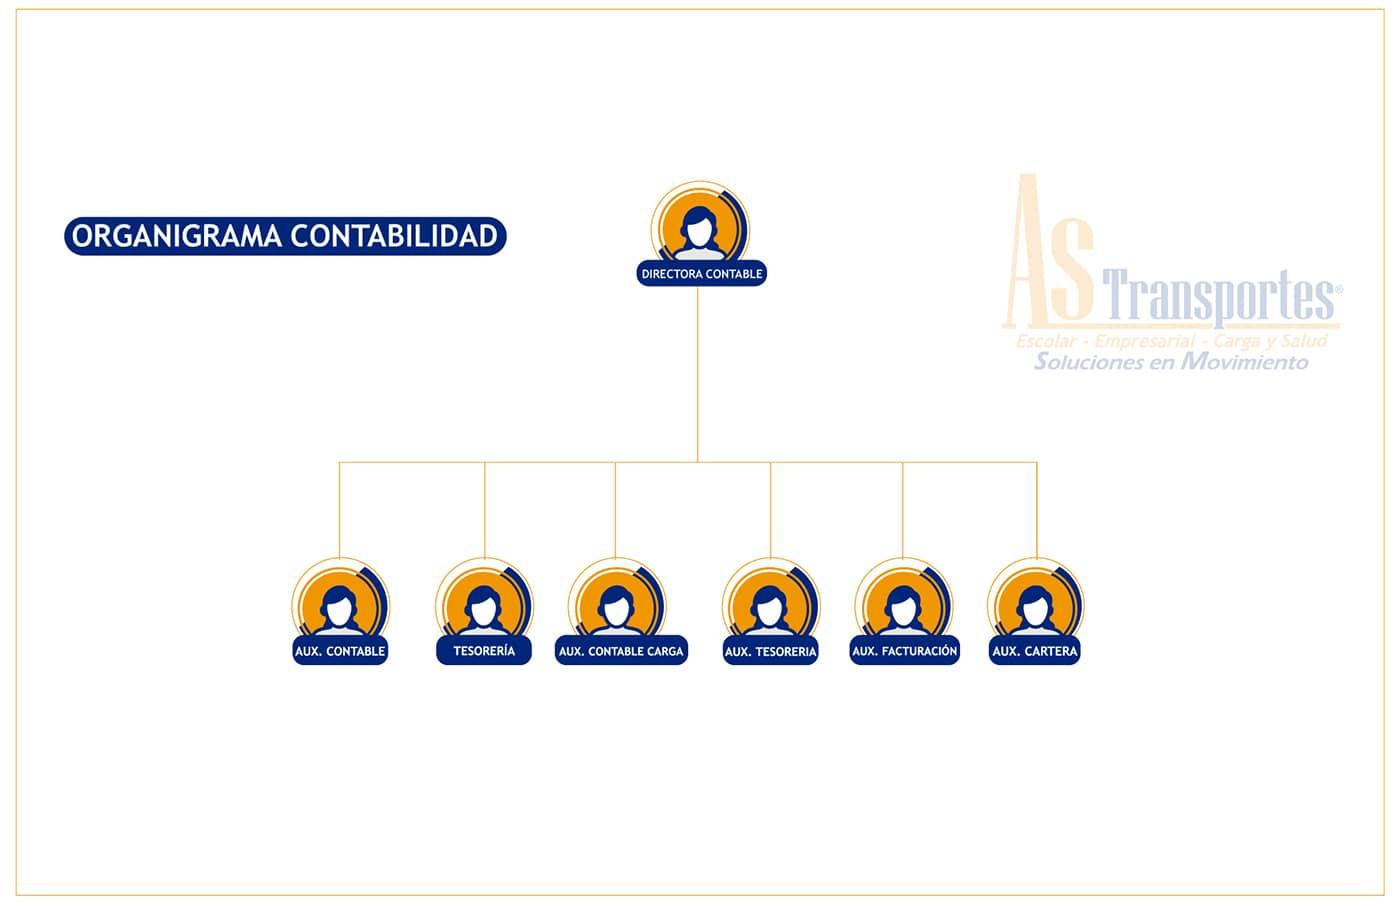 ORGANIGRAMA DE PAGINA WEB CONTABILIDAD